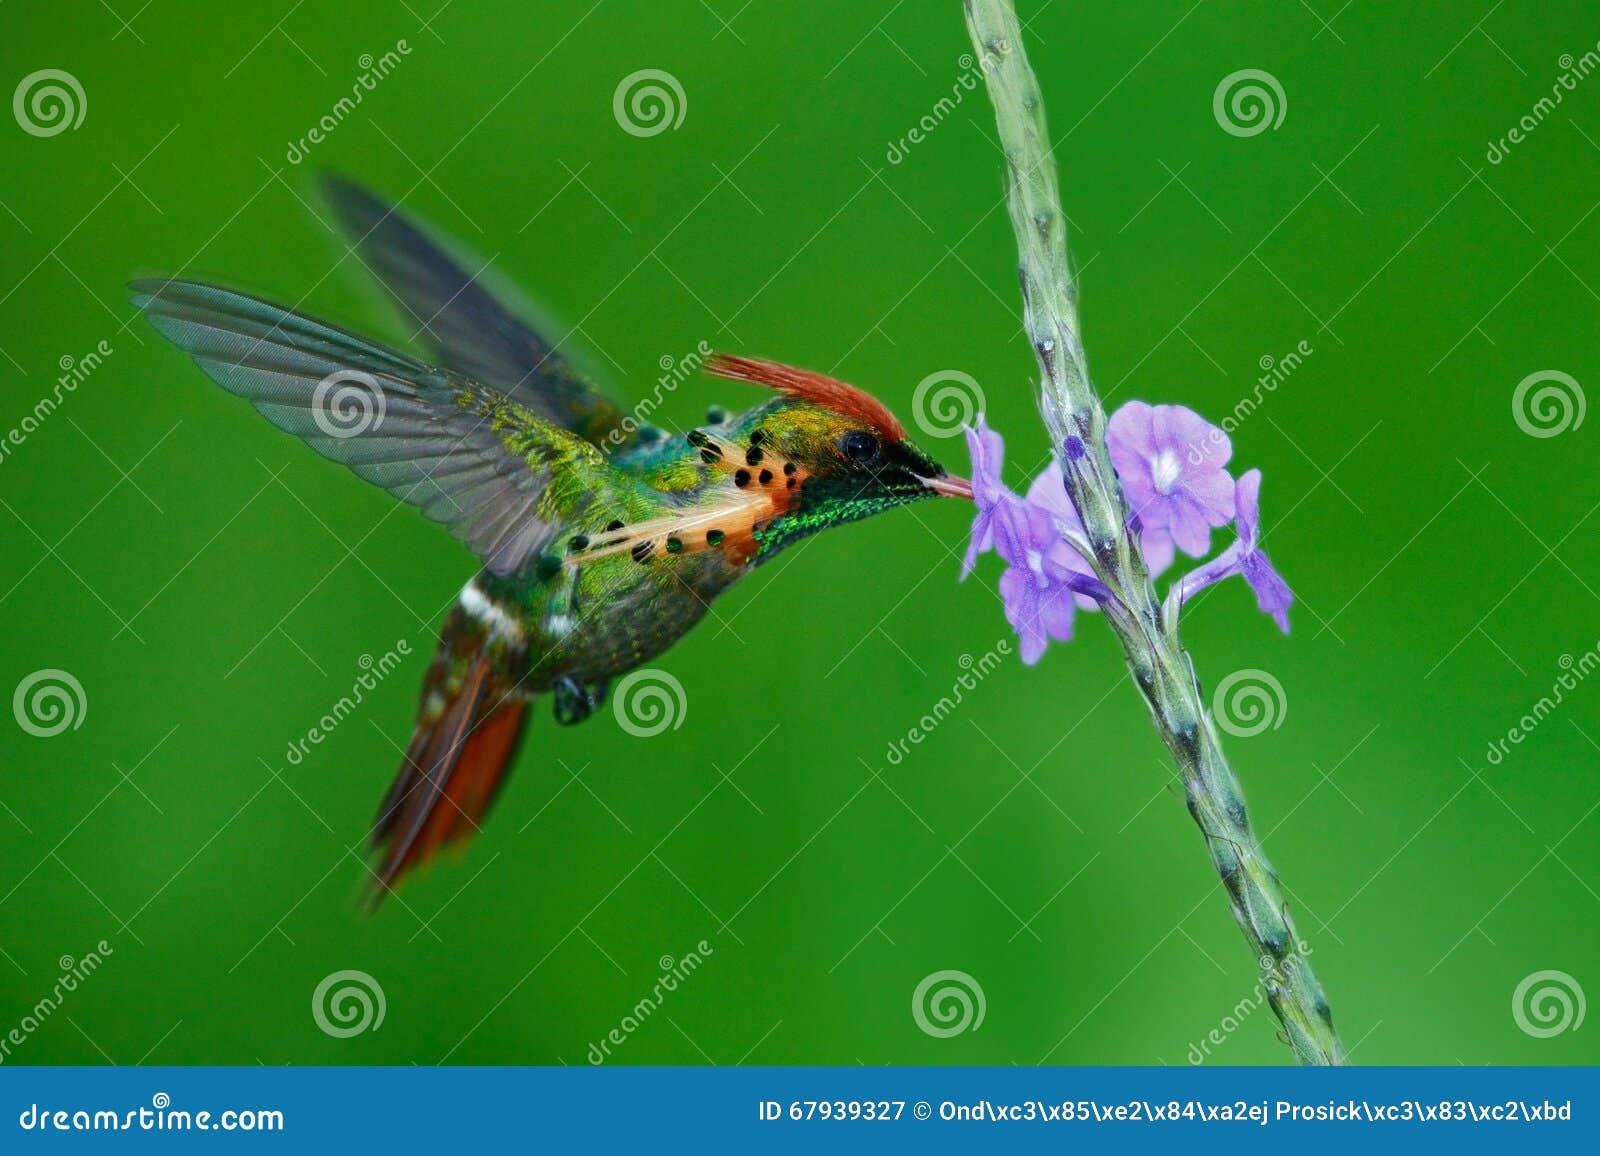 Coquete adornado, colibri colorido com crista alaranjada e colar no habitat verde e violeta da flor,